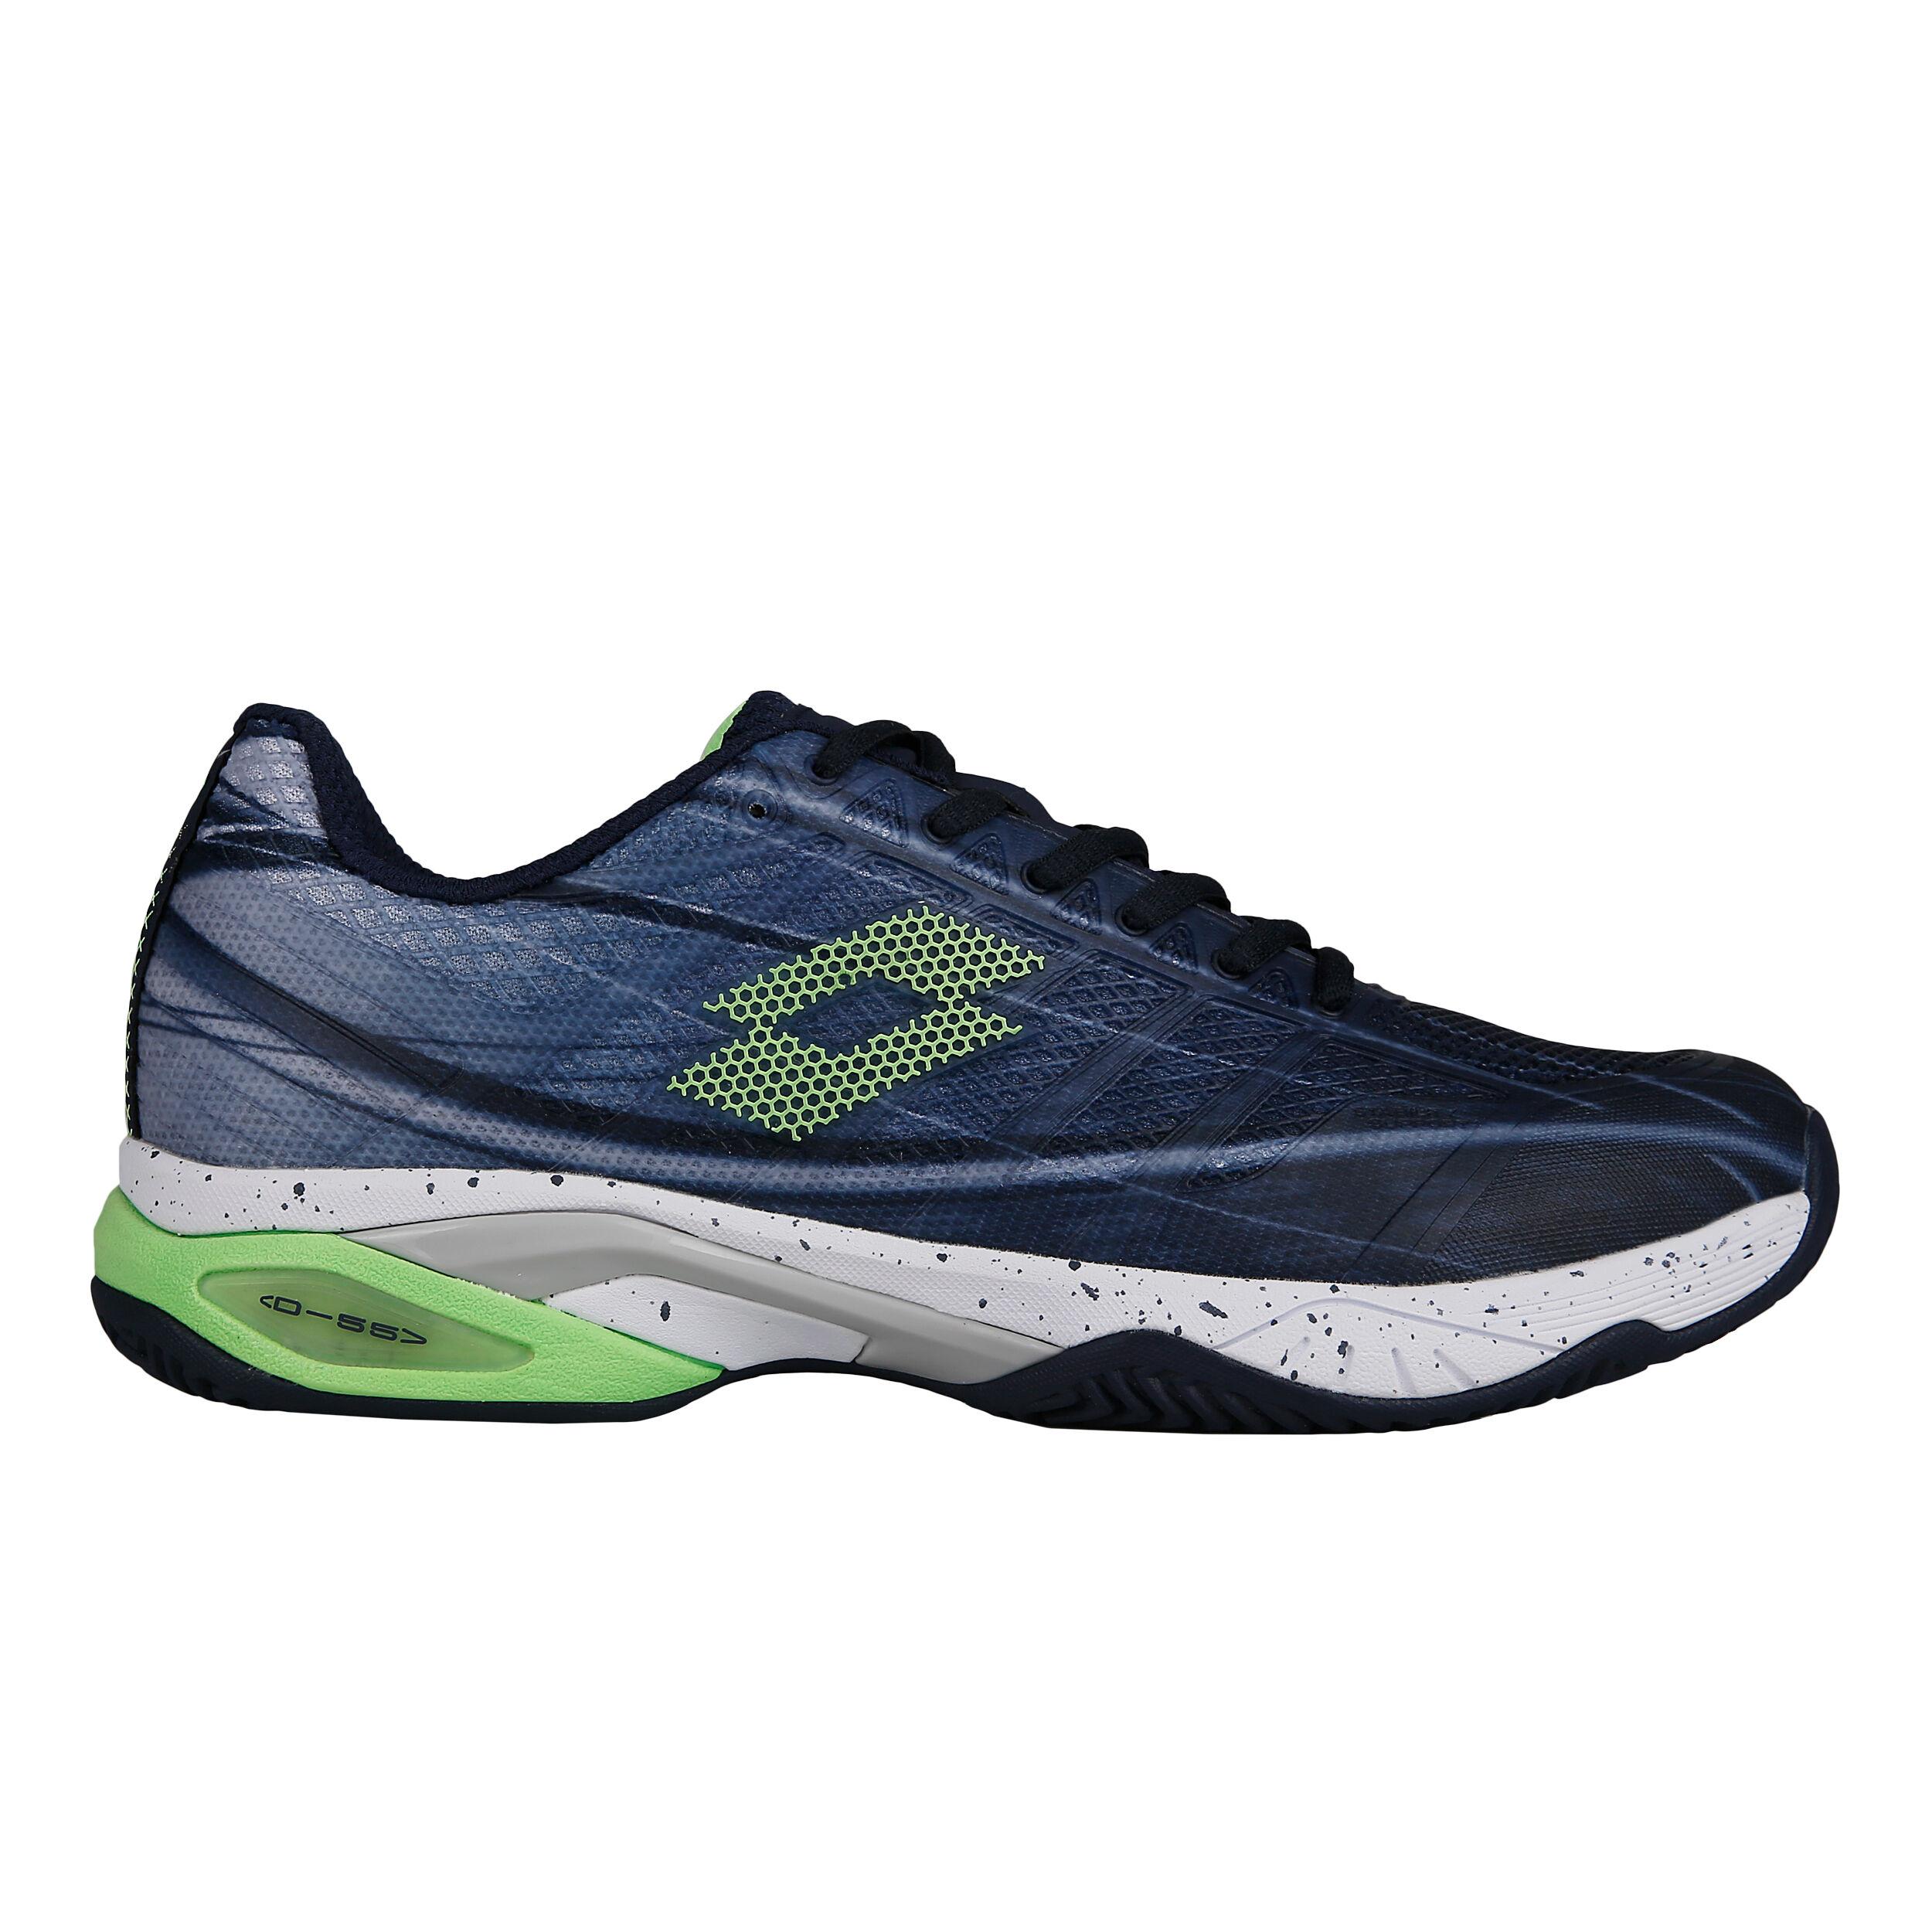 Mirage 300 Clay Tennisschoenen Heren